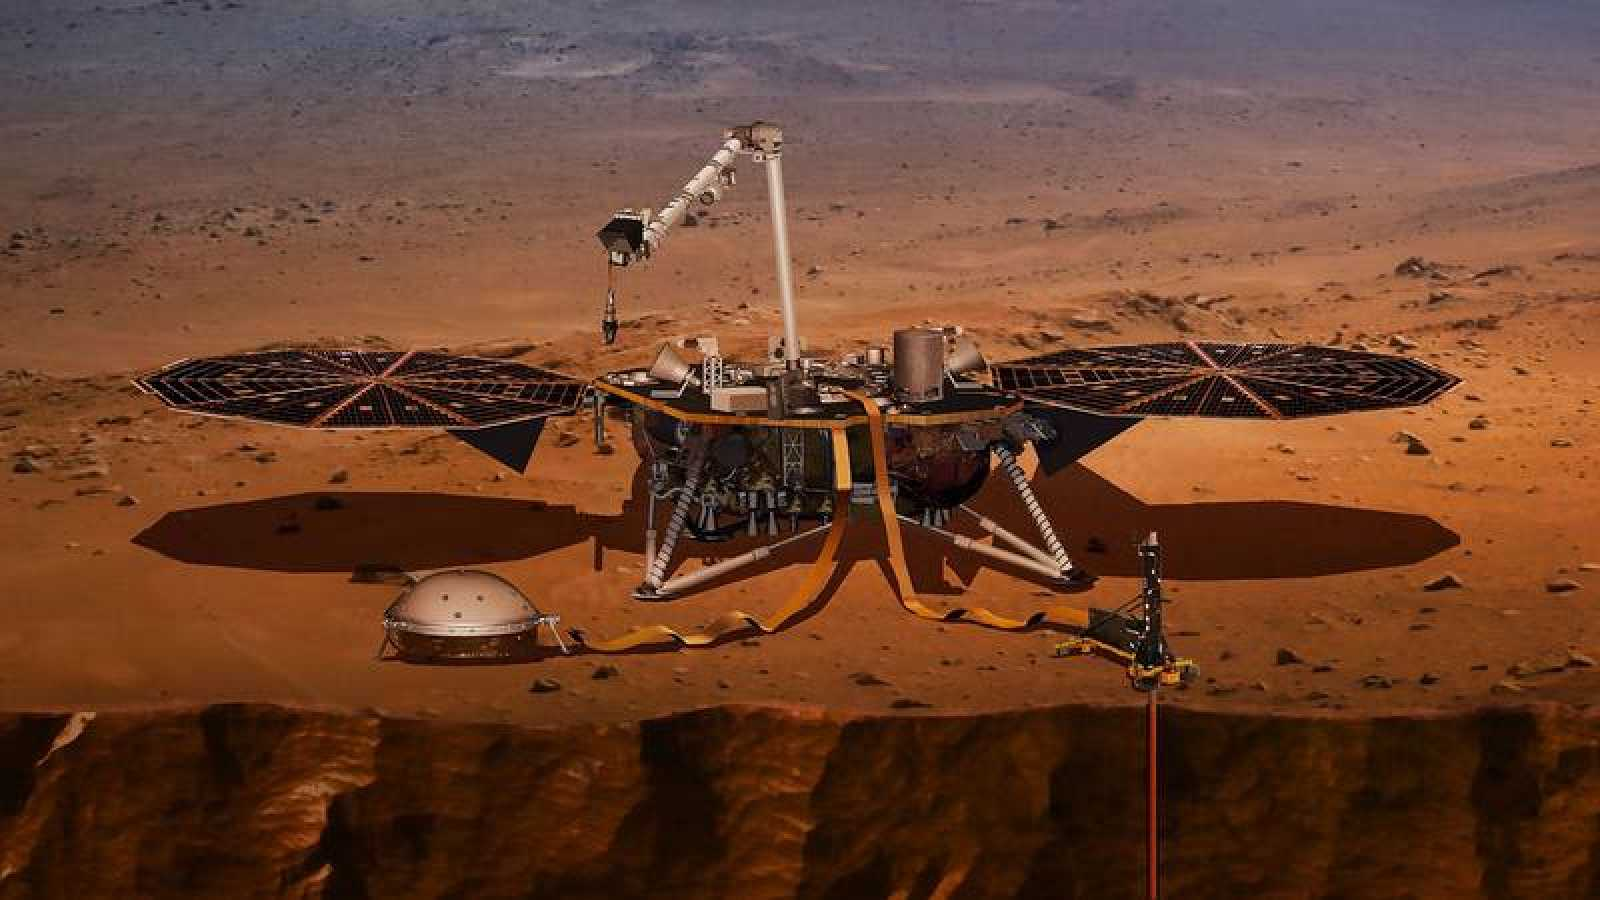 Ilustración facilitada por la NASA de la tecnología de la misión InSight en Marte